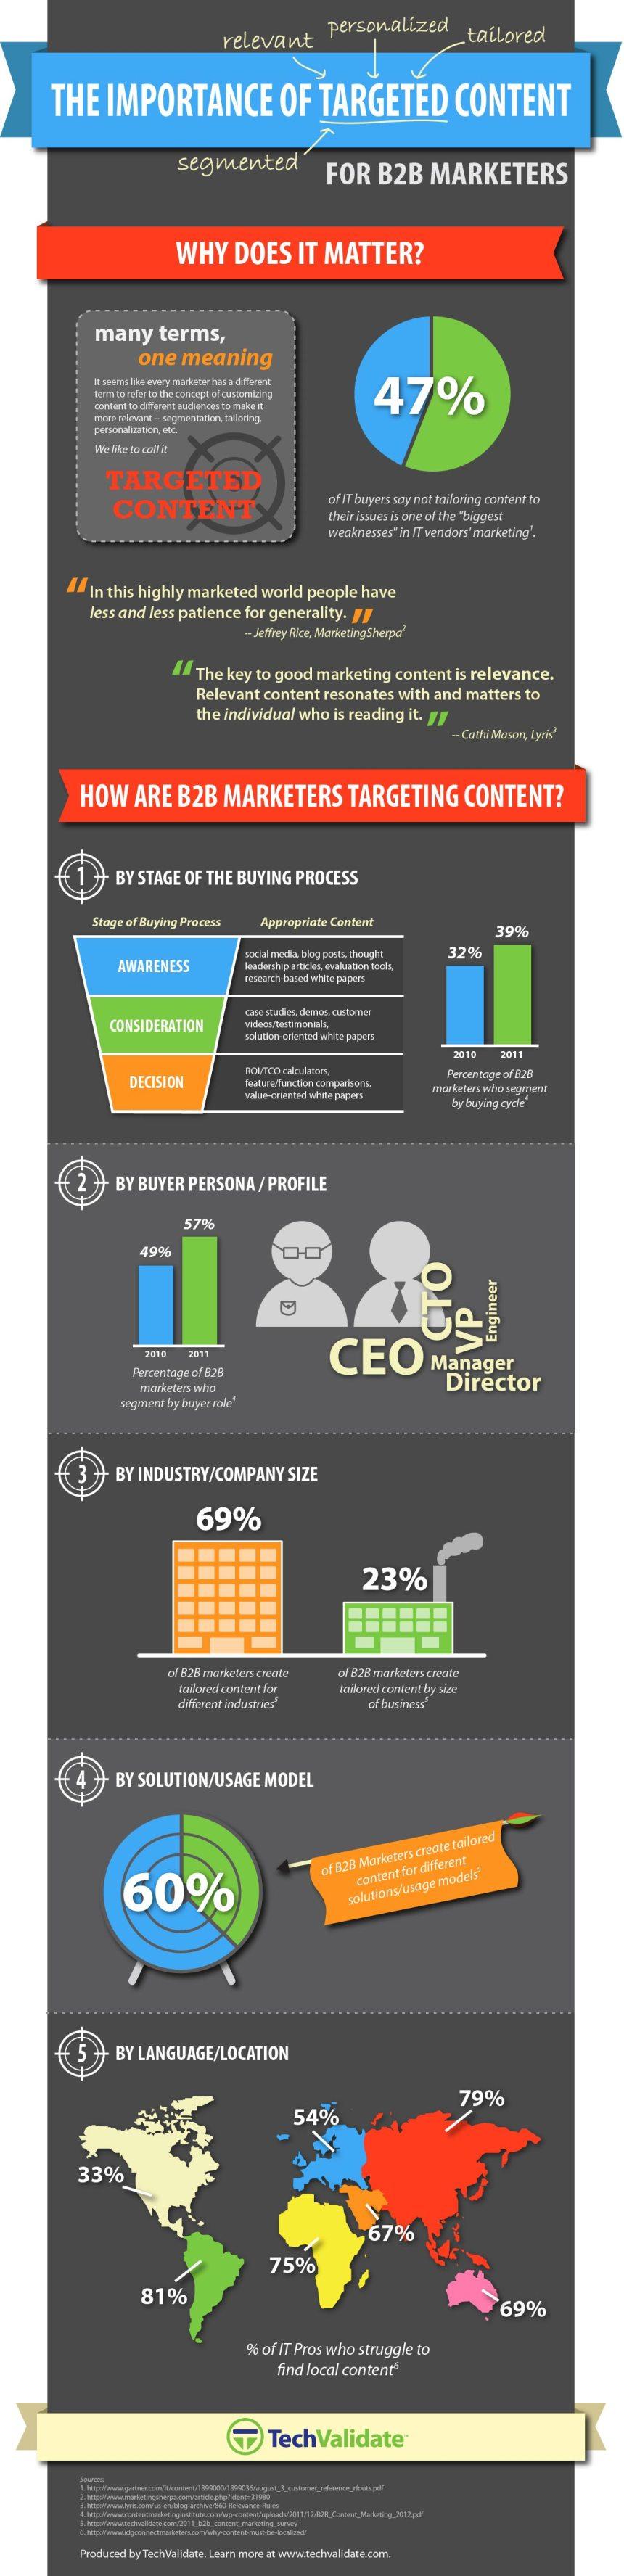 La importancia del contenido para el marketing B2B